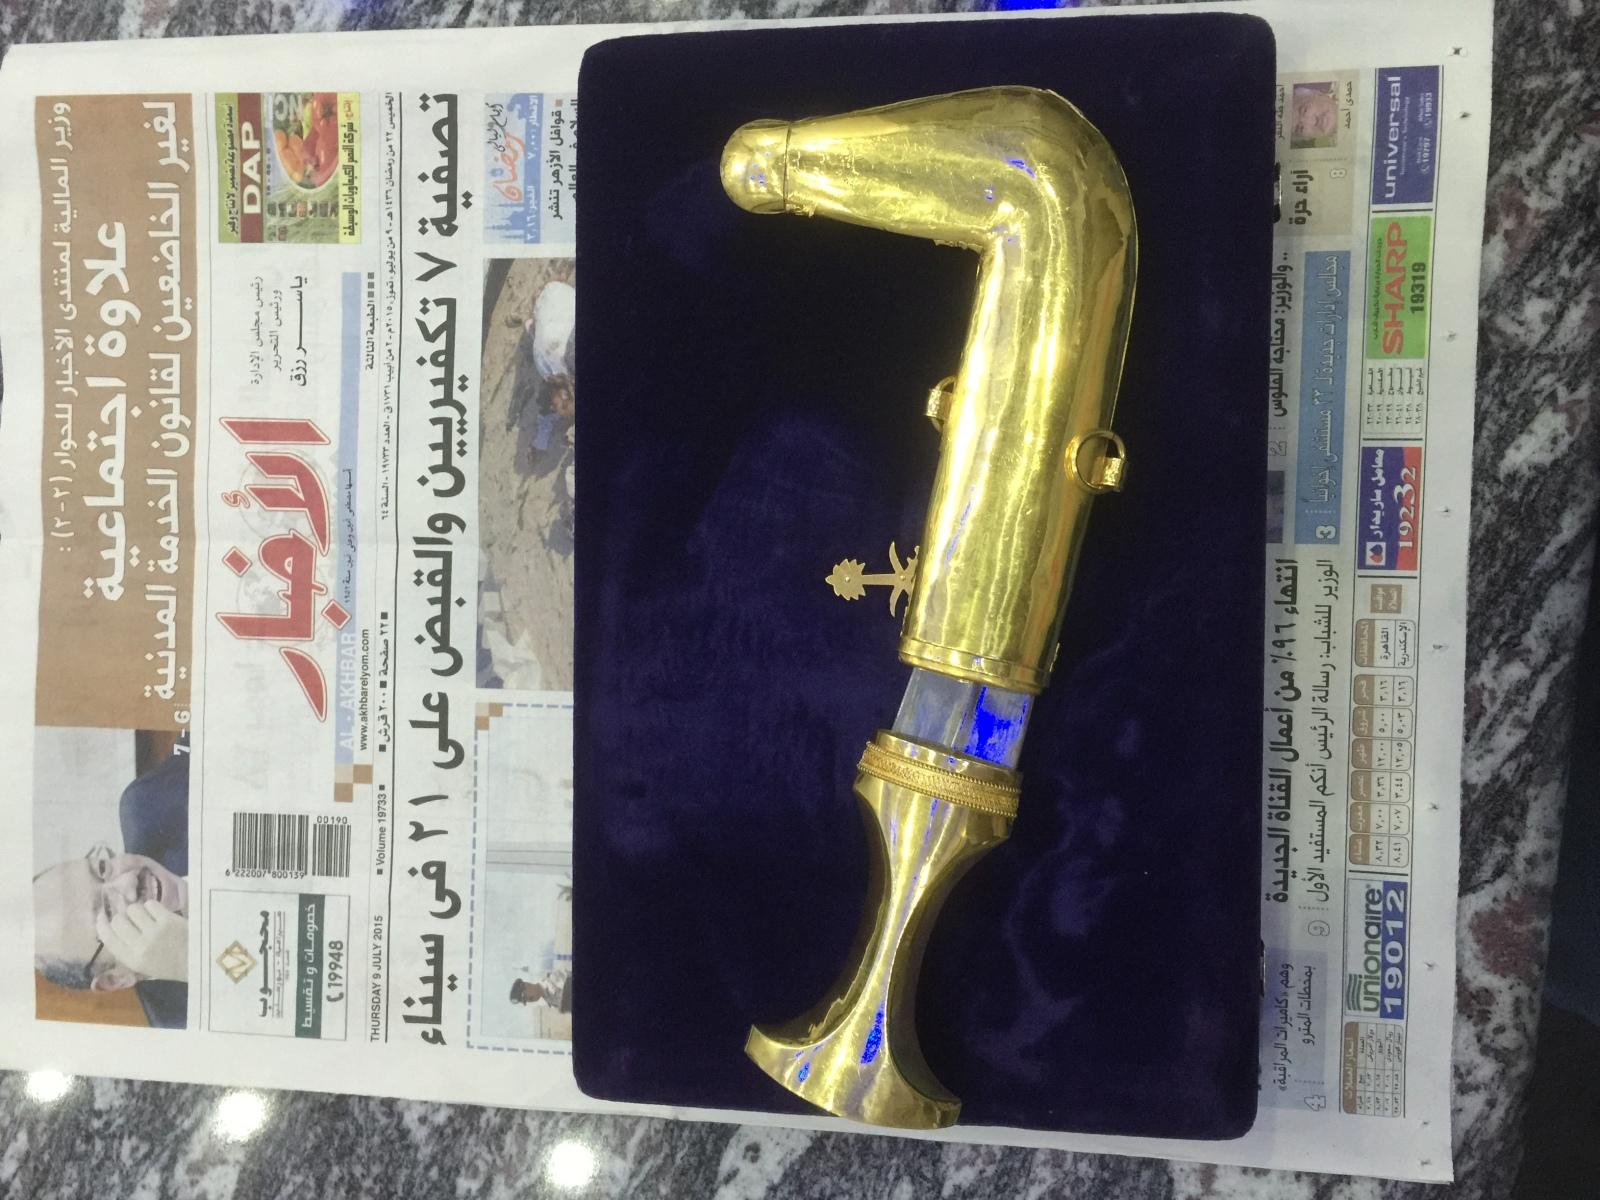 تقيم خنجر من الذهب Dn0hf8